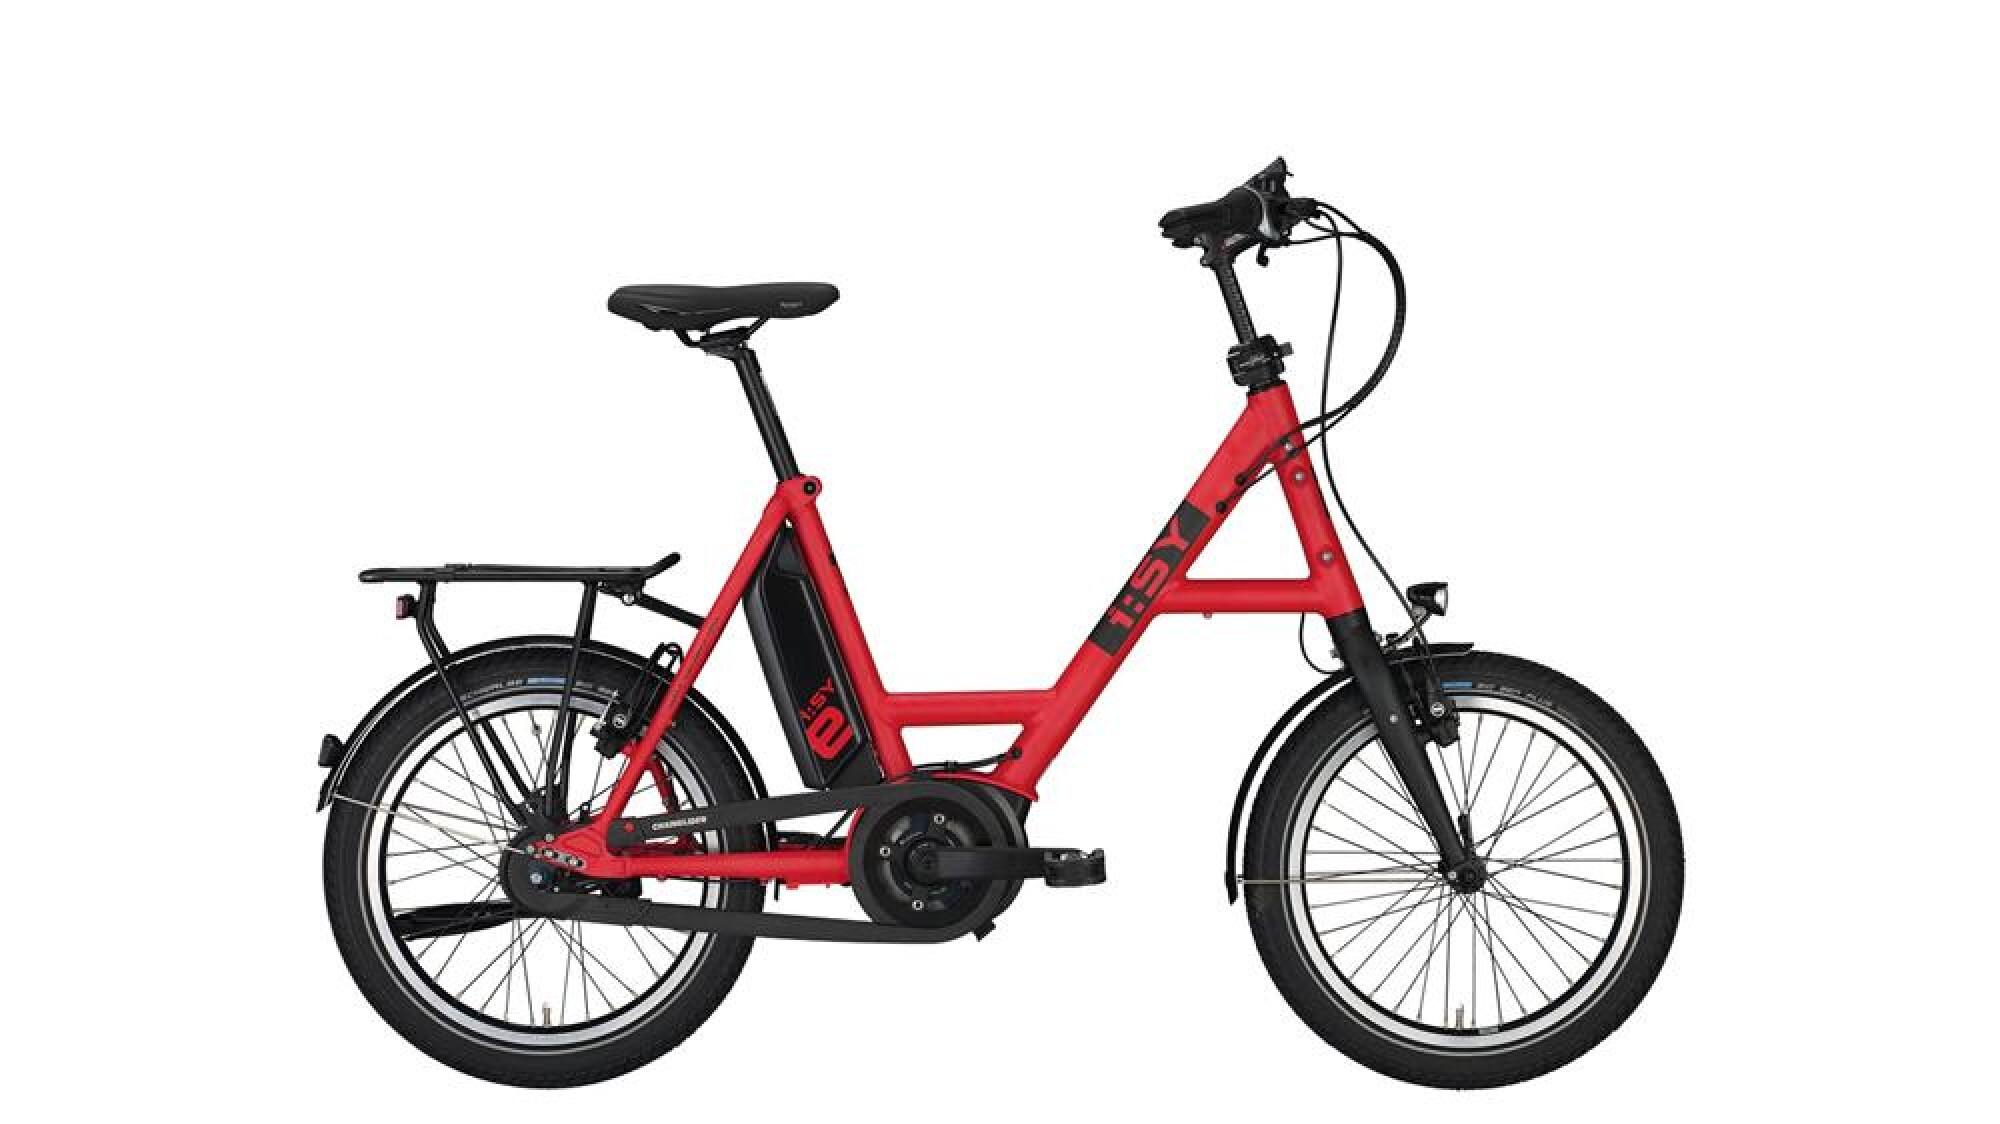 e bike i sy drive s8 2018 bei alle details. Black Bedroom Furniture Sets. Home Design Ideas